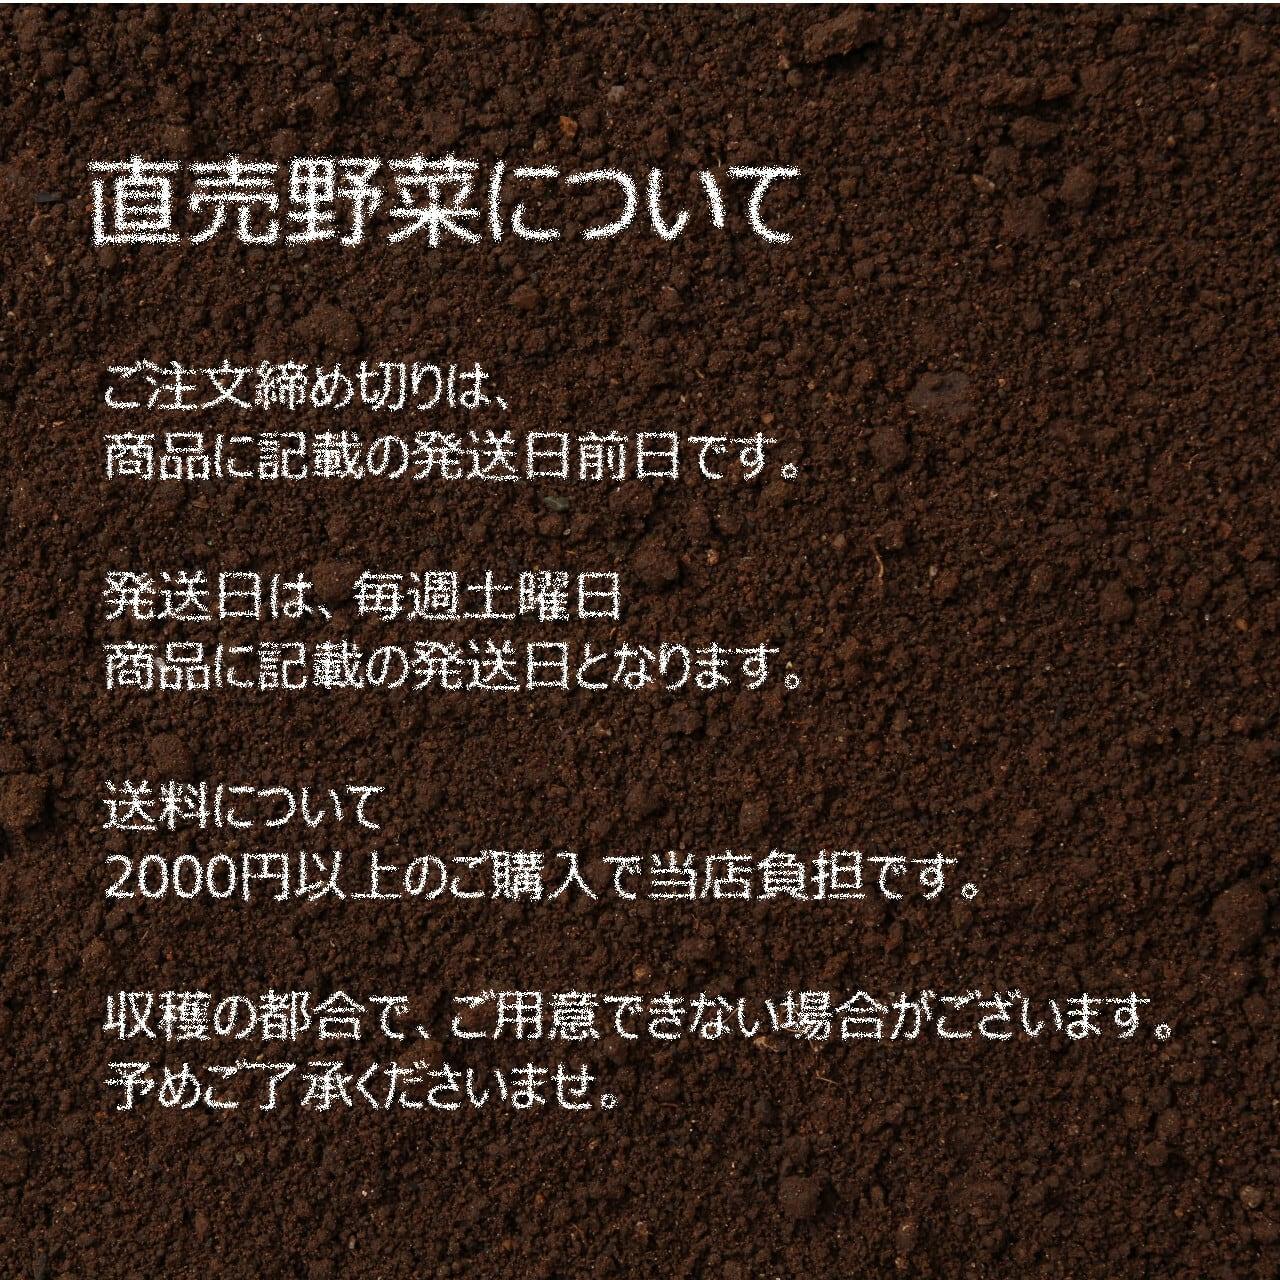 ネギ 3~4本 : 6月朝採り直売野菜 春の新鮮野菜 6月13日発送予定